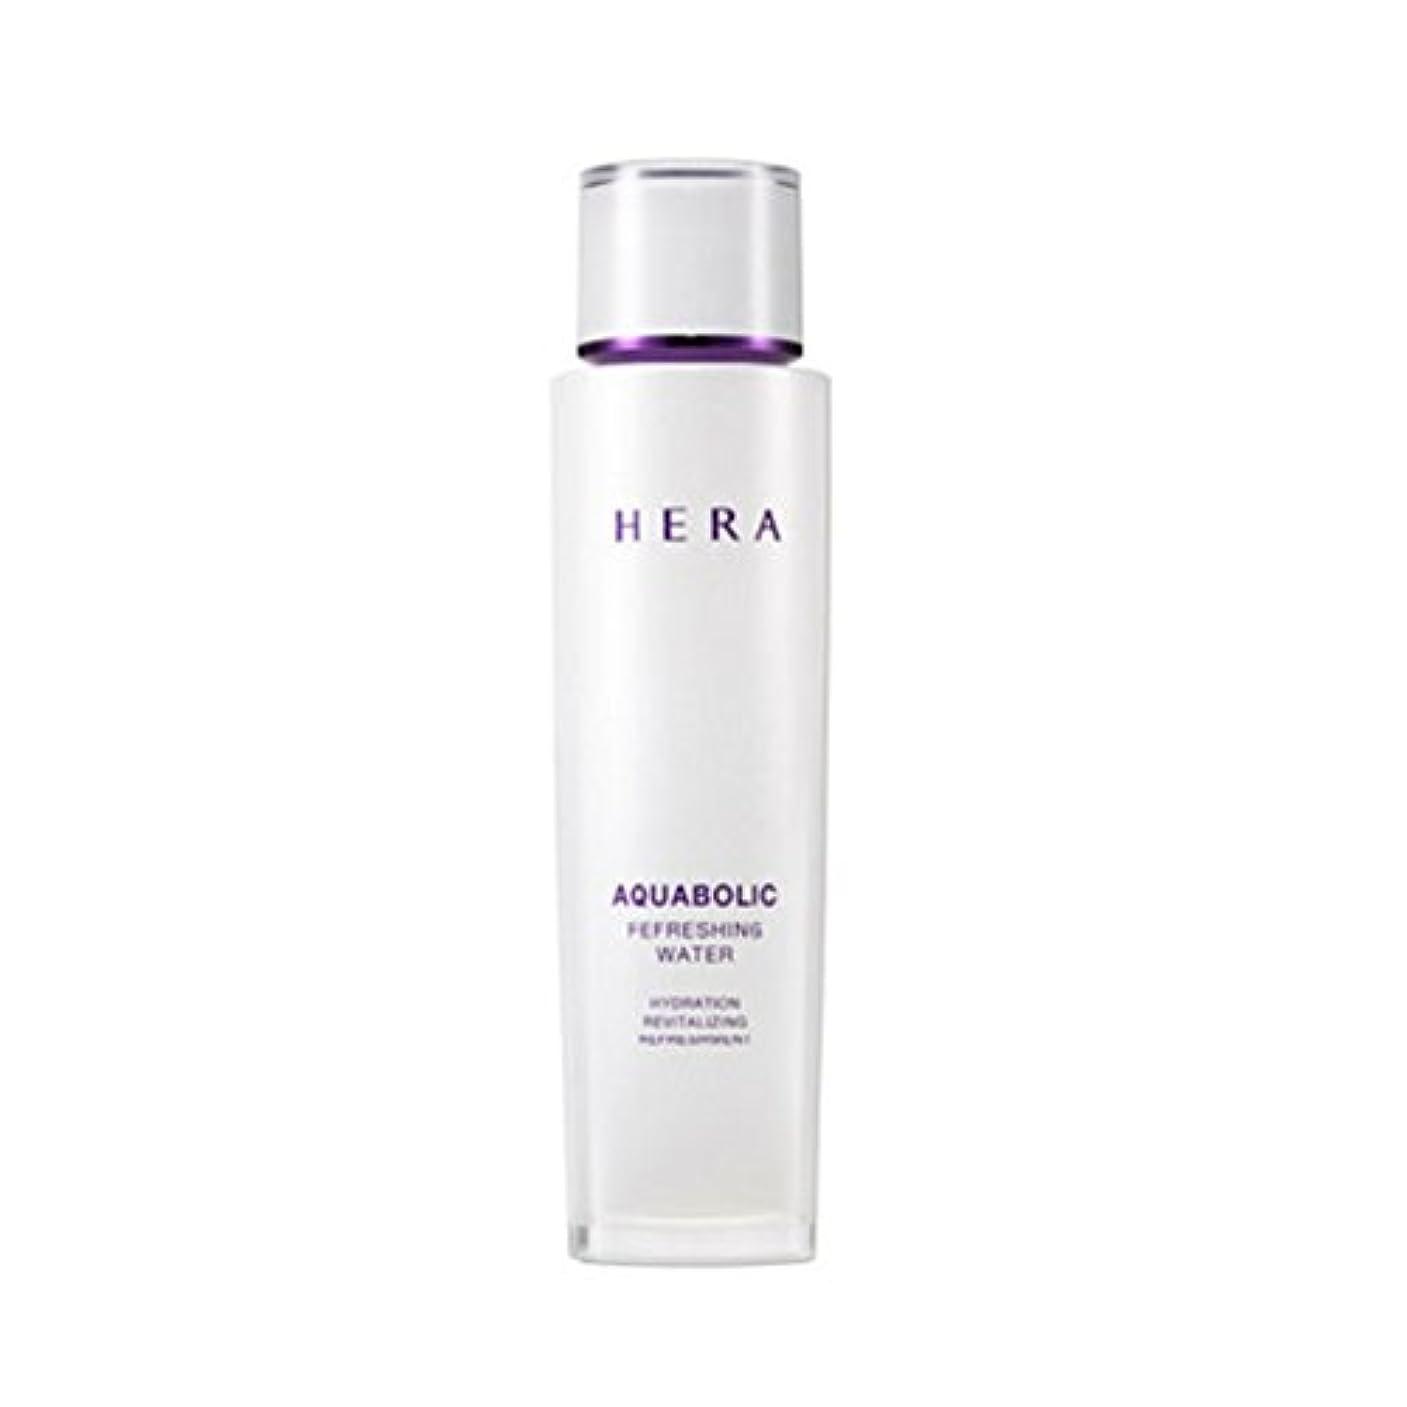 愛されし者恥ずかしさシリンダー(ヘラ) HERA Aquabolic Refreshing Water アクアボリックリフレッシュウォーター (韓国直発送) oopspanda